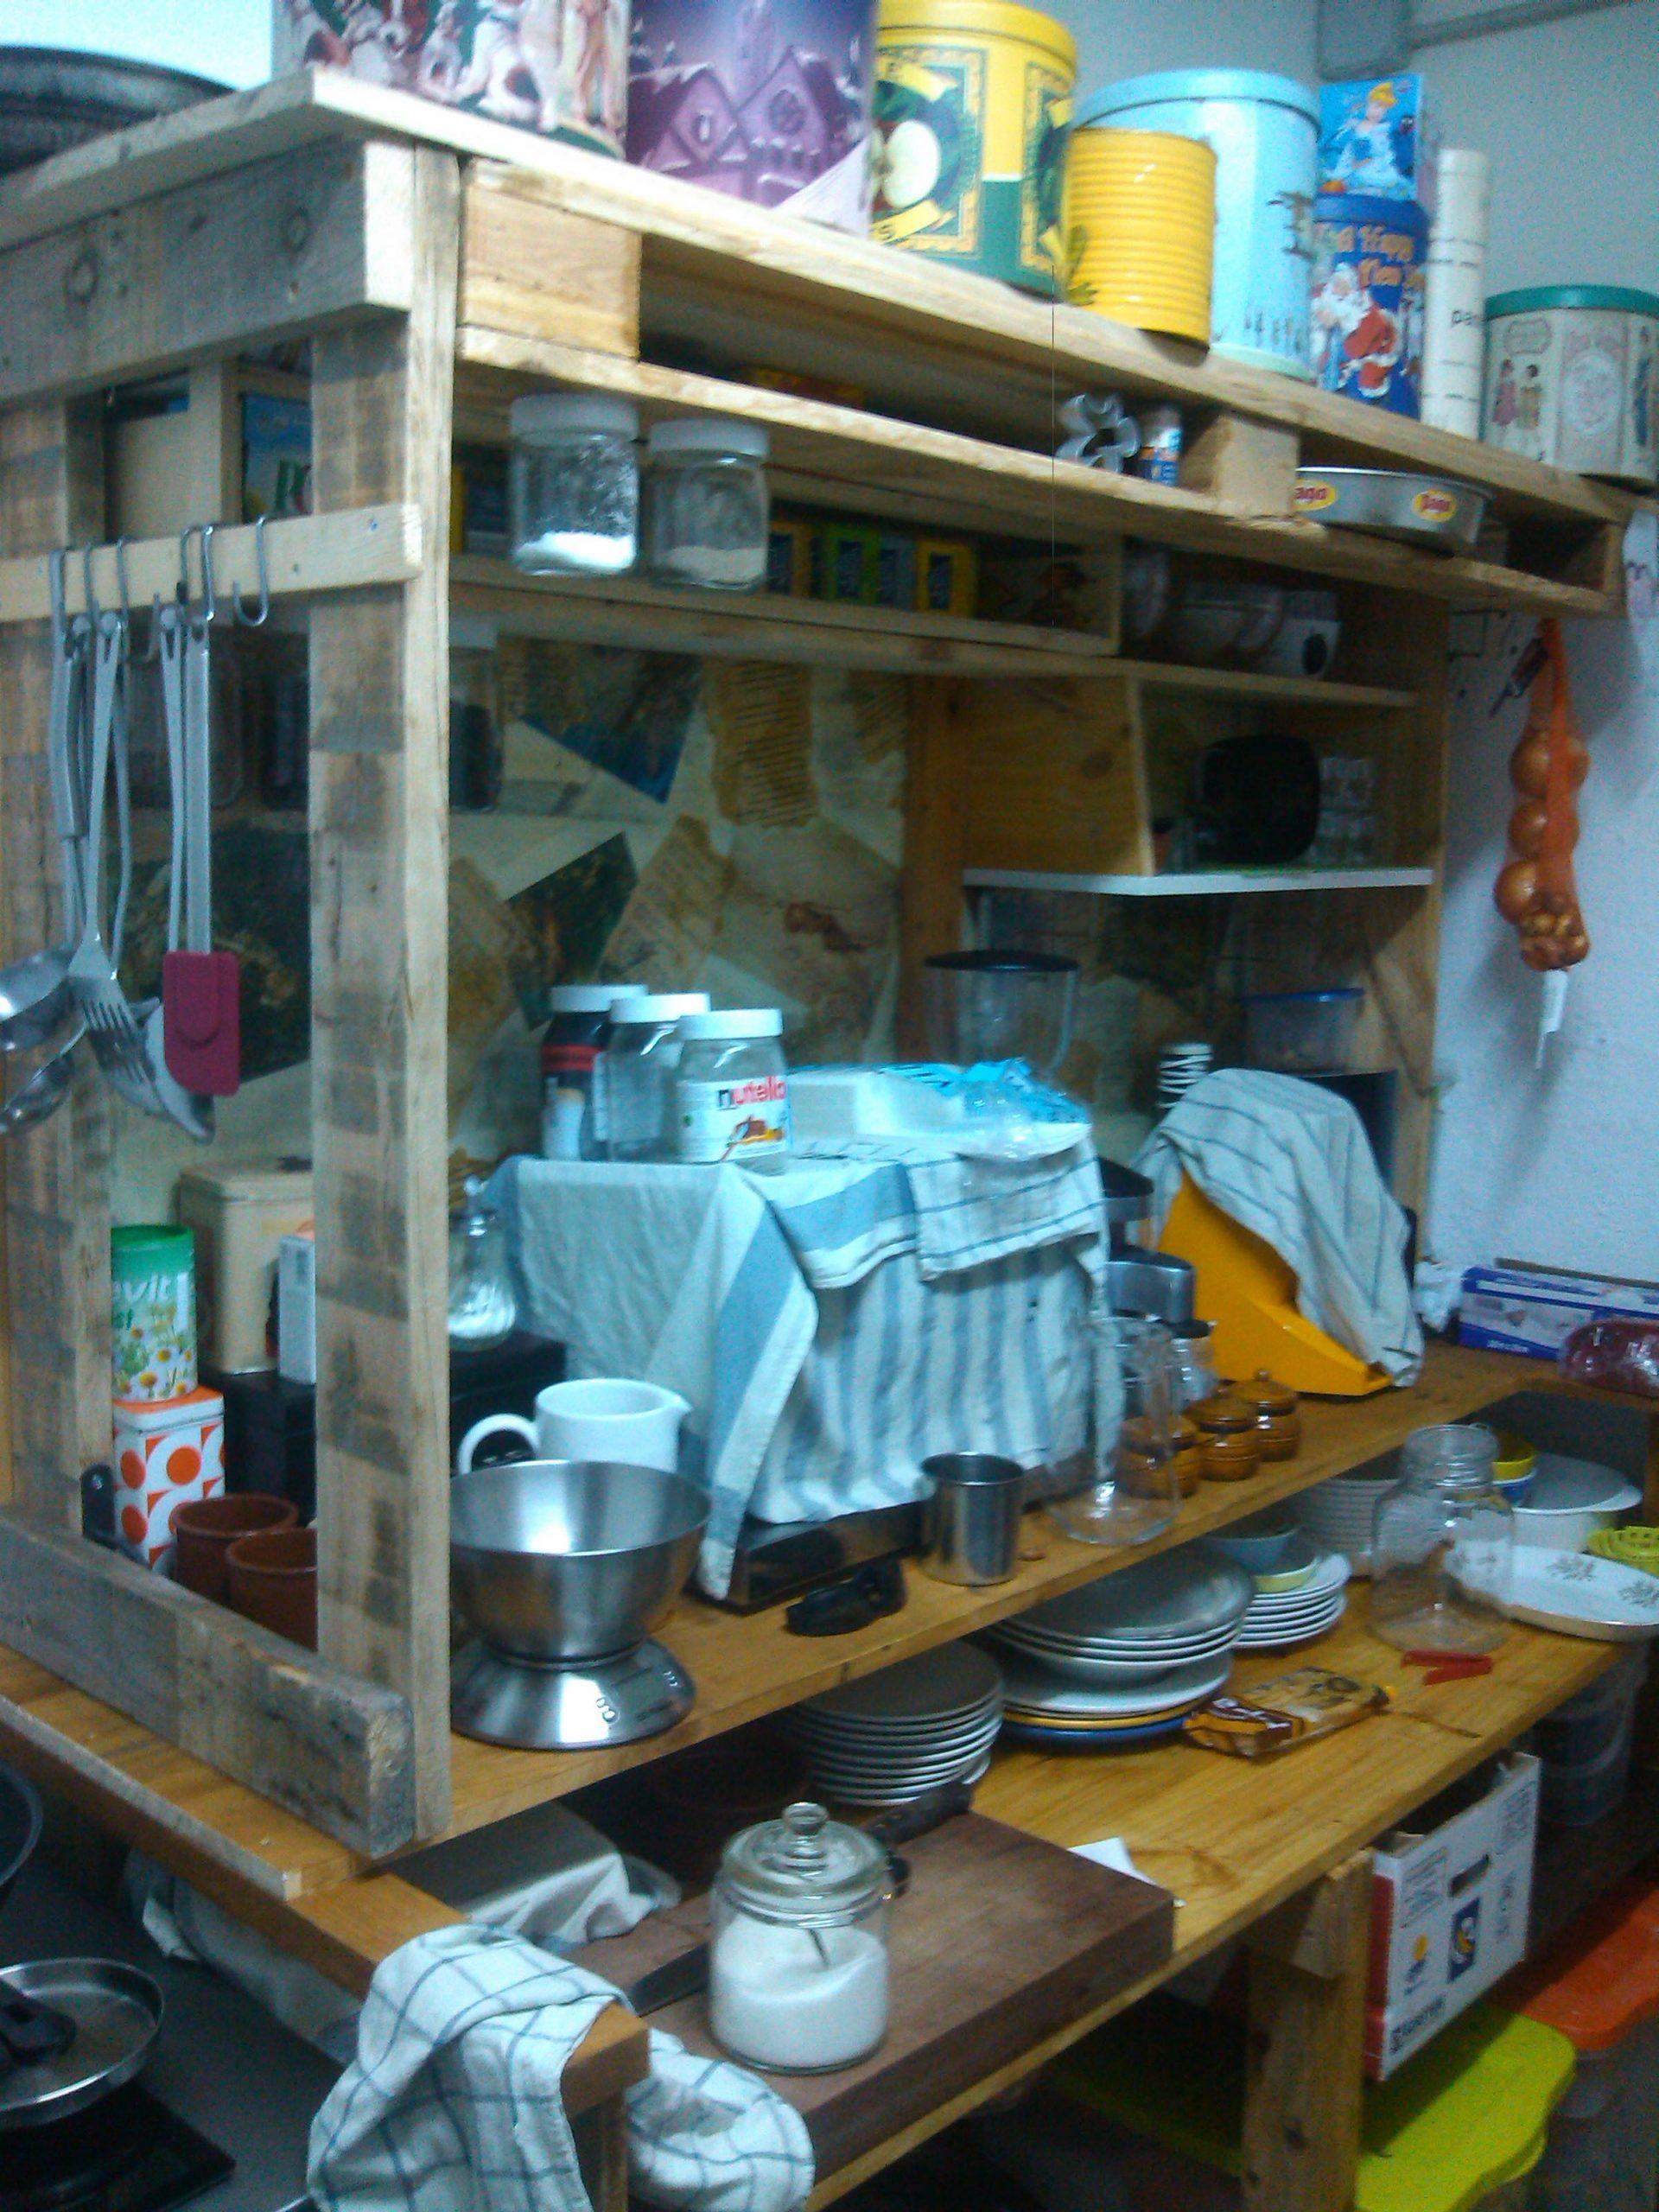 Full Size of Kchenmbel Aus Paletten So Bauen Sie Selber Schwarze Küche Schreinerküche Rosa Bodenbeläge Was Kostet Eine Neue Obi Einbauküche Lampen Eckküche Mit Wohnzimmer Küche Aus Paletten